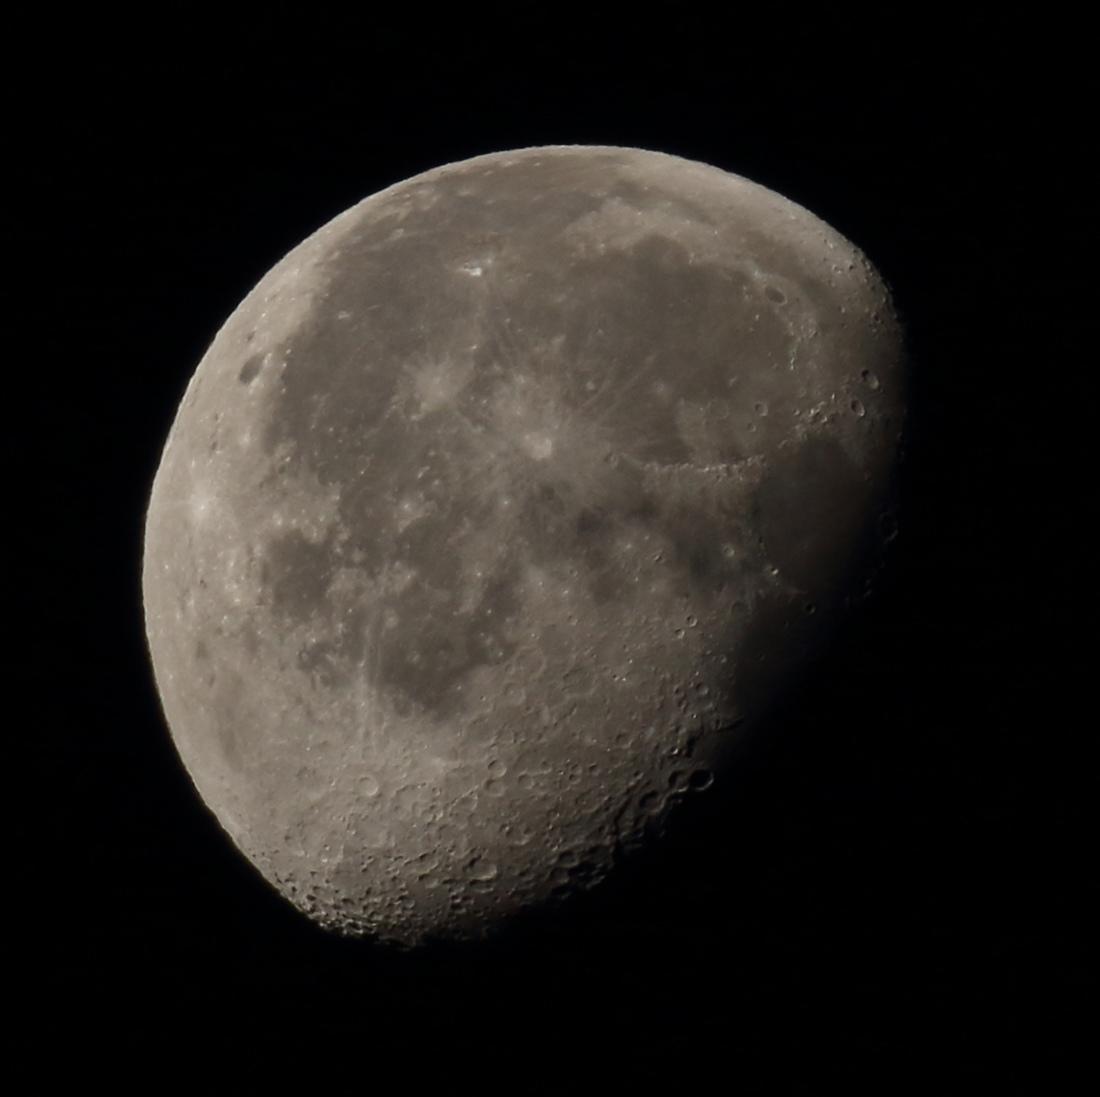 la lune le 17/11/2019 (44548rj)